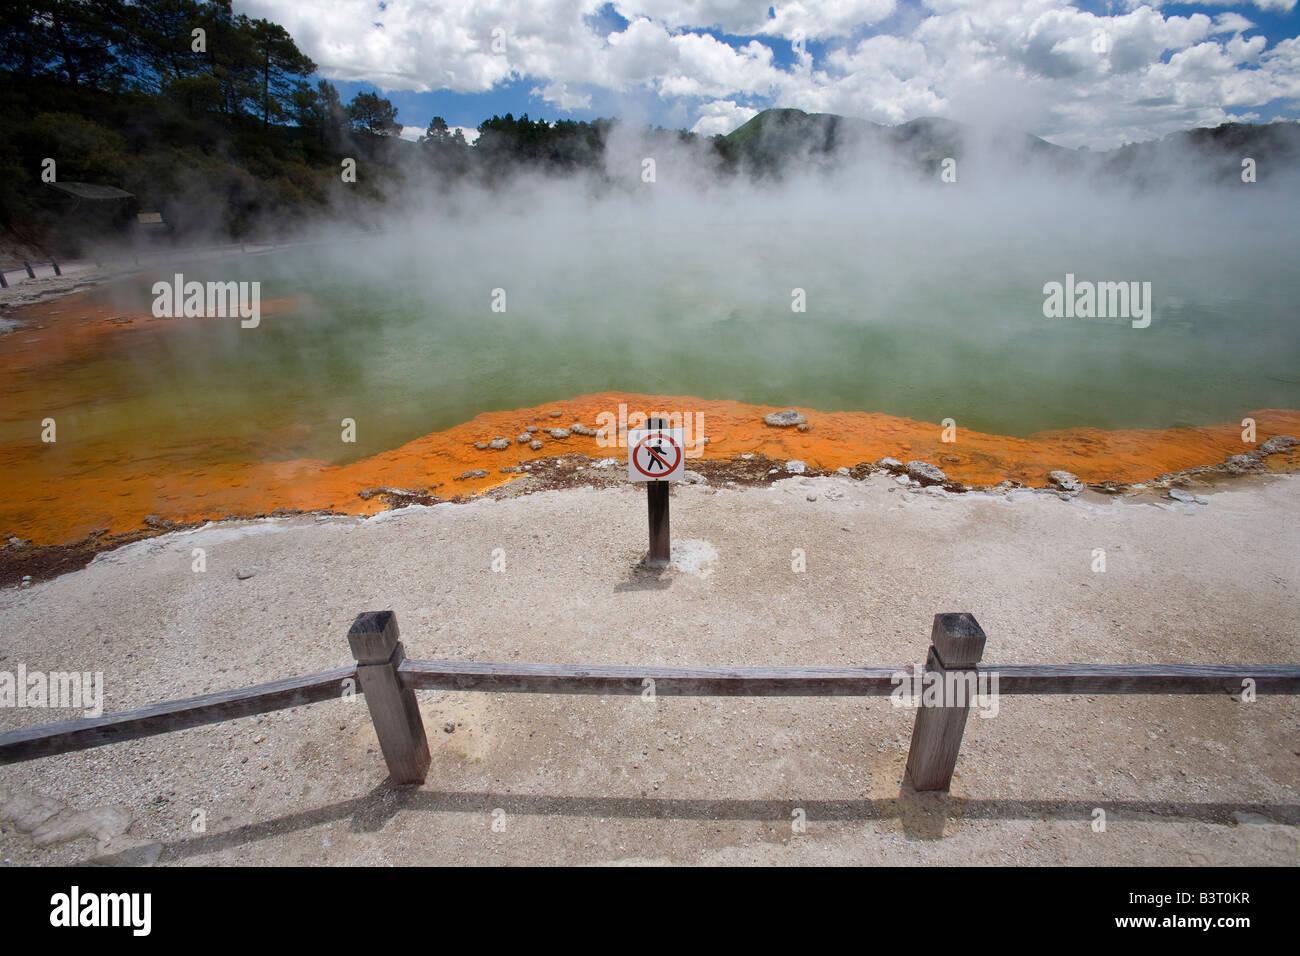 Champagne Pool, Wai-O-Tapu, North Island, New Zealand - Stock Image